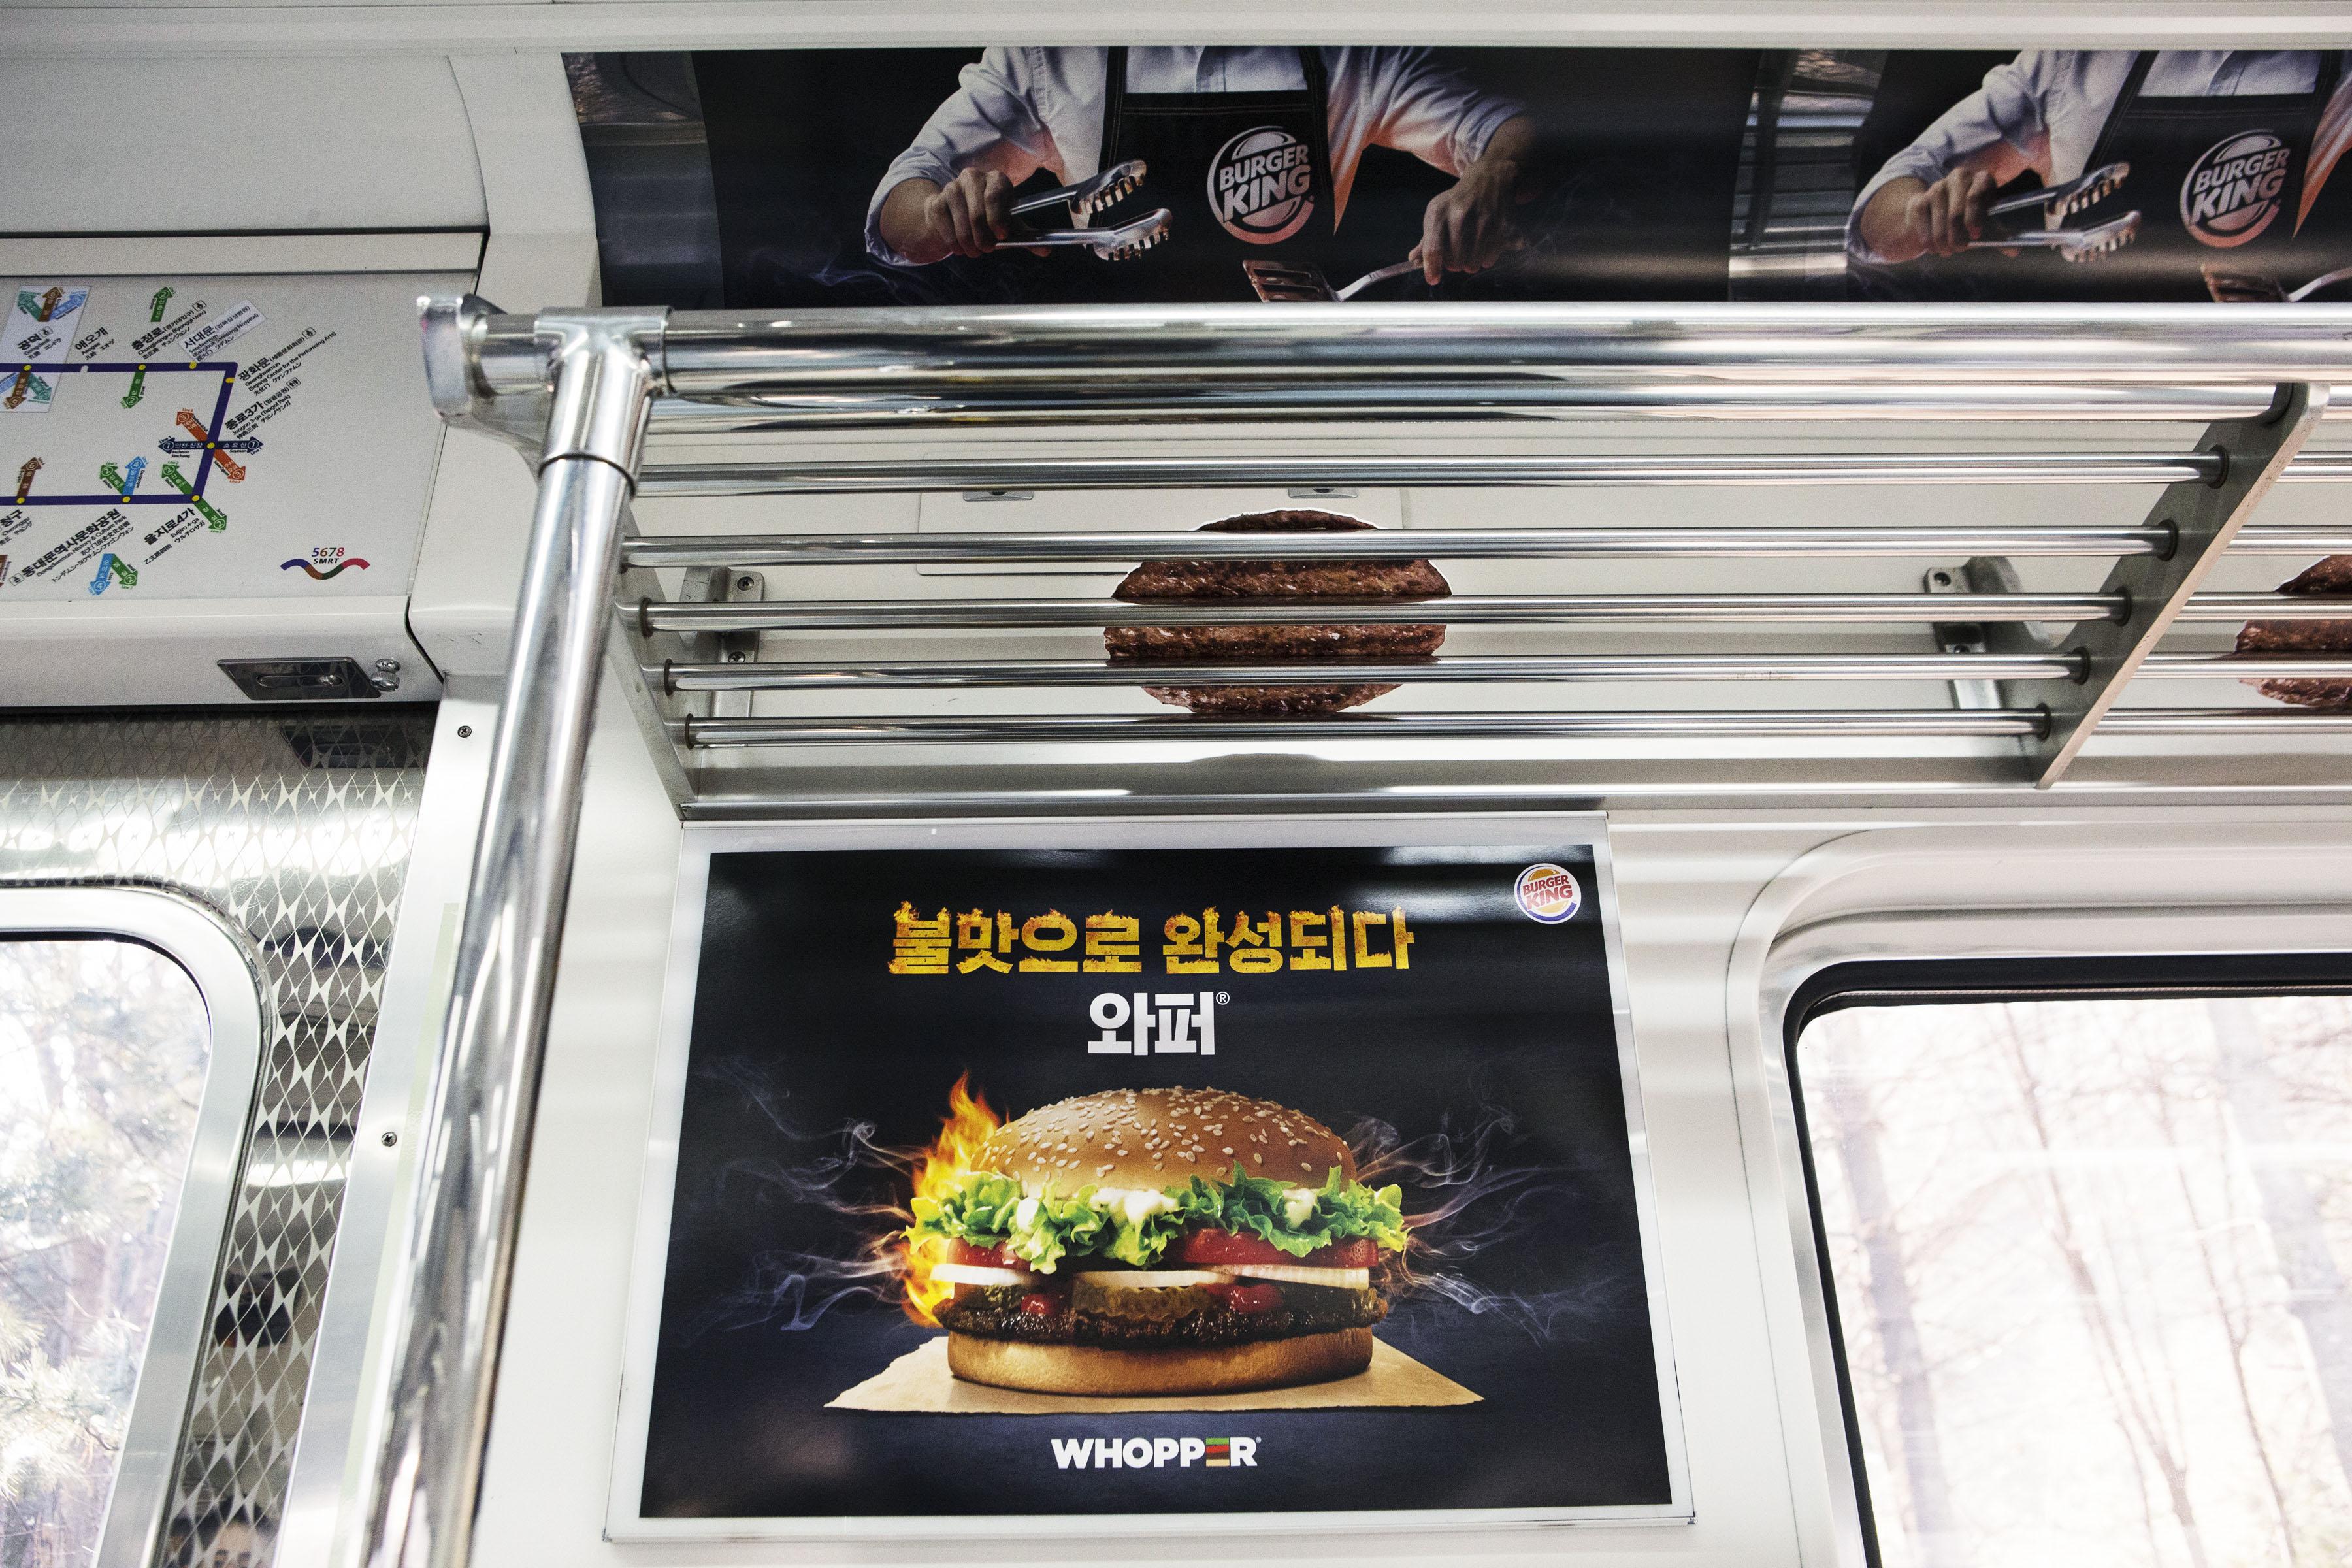 Burger King détourne brillamment les porte-bagages du métro pour communiquer